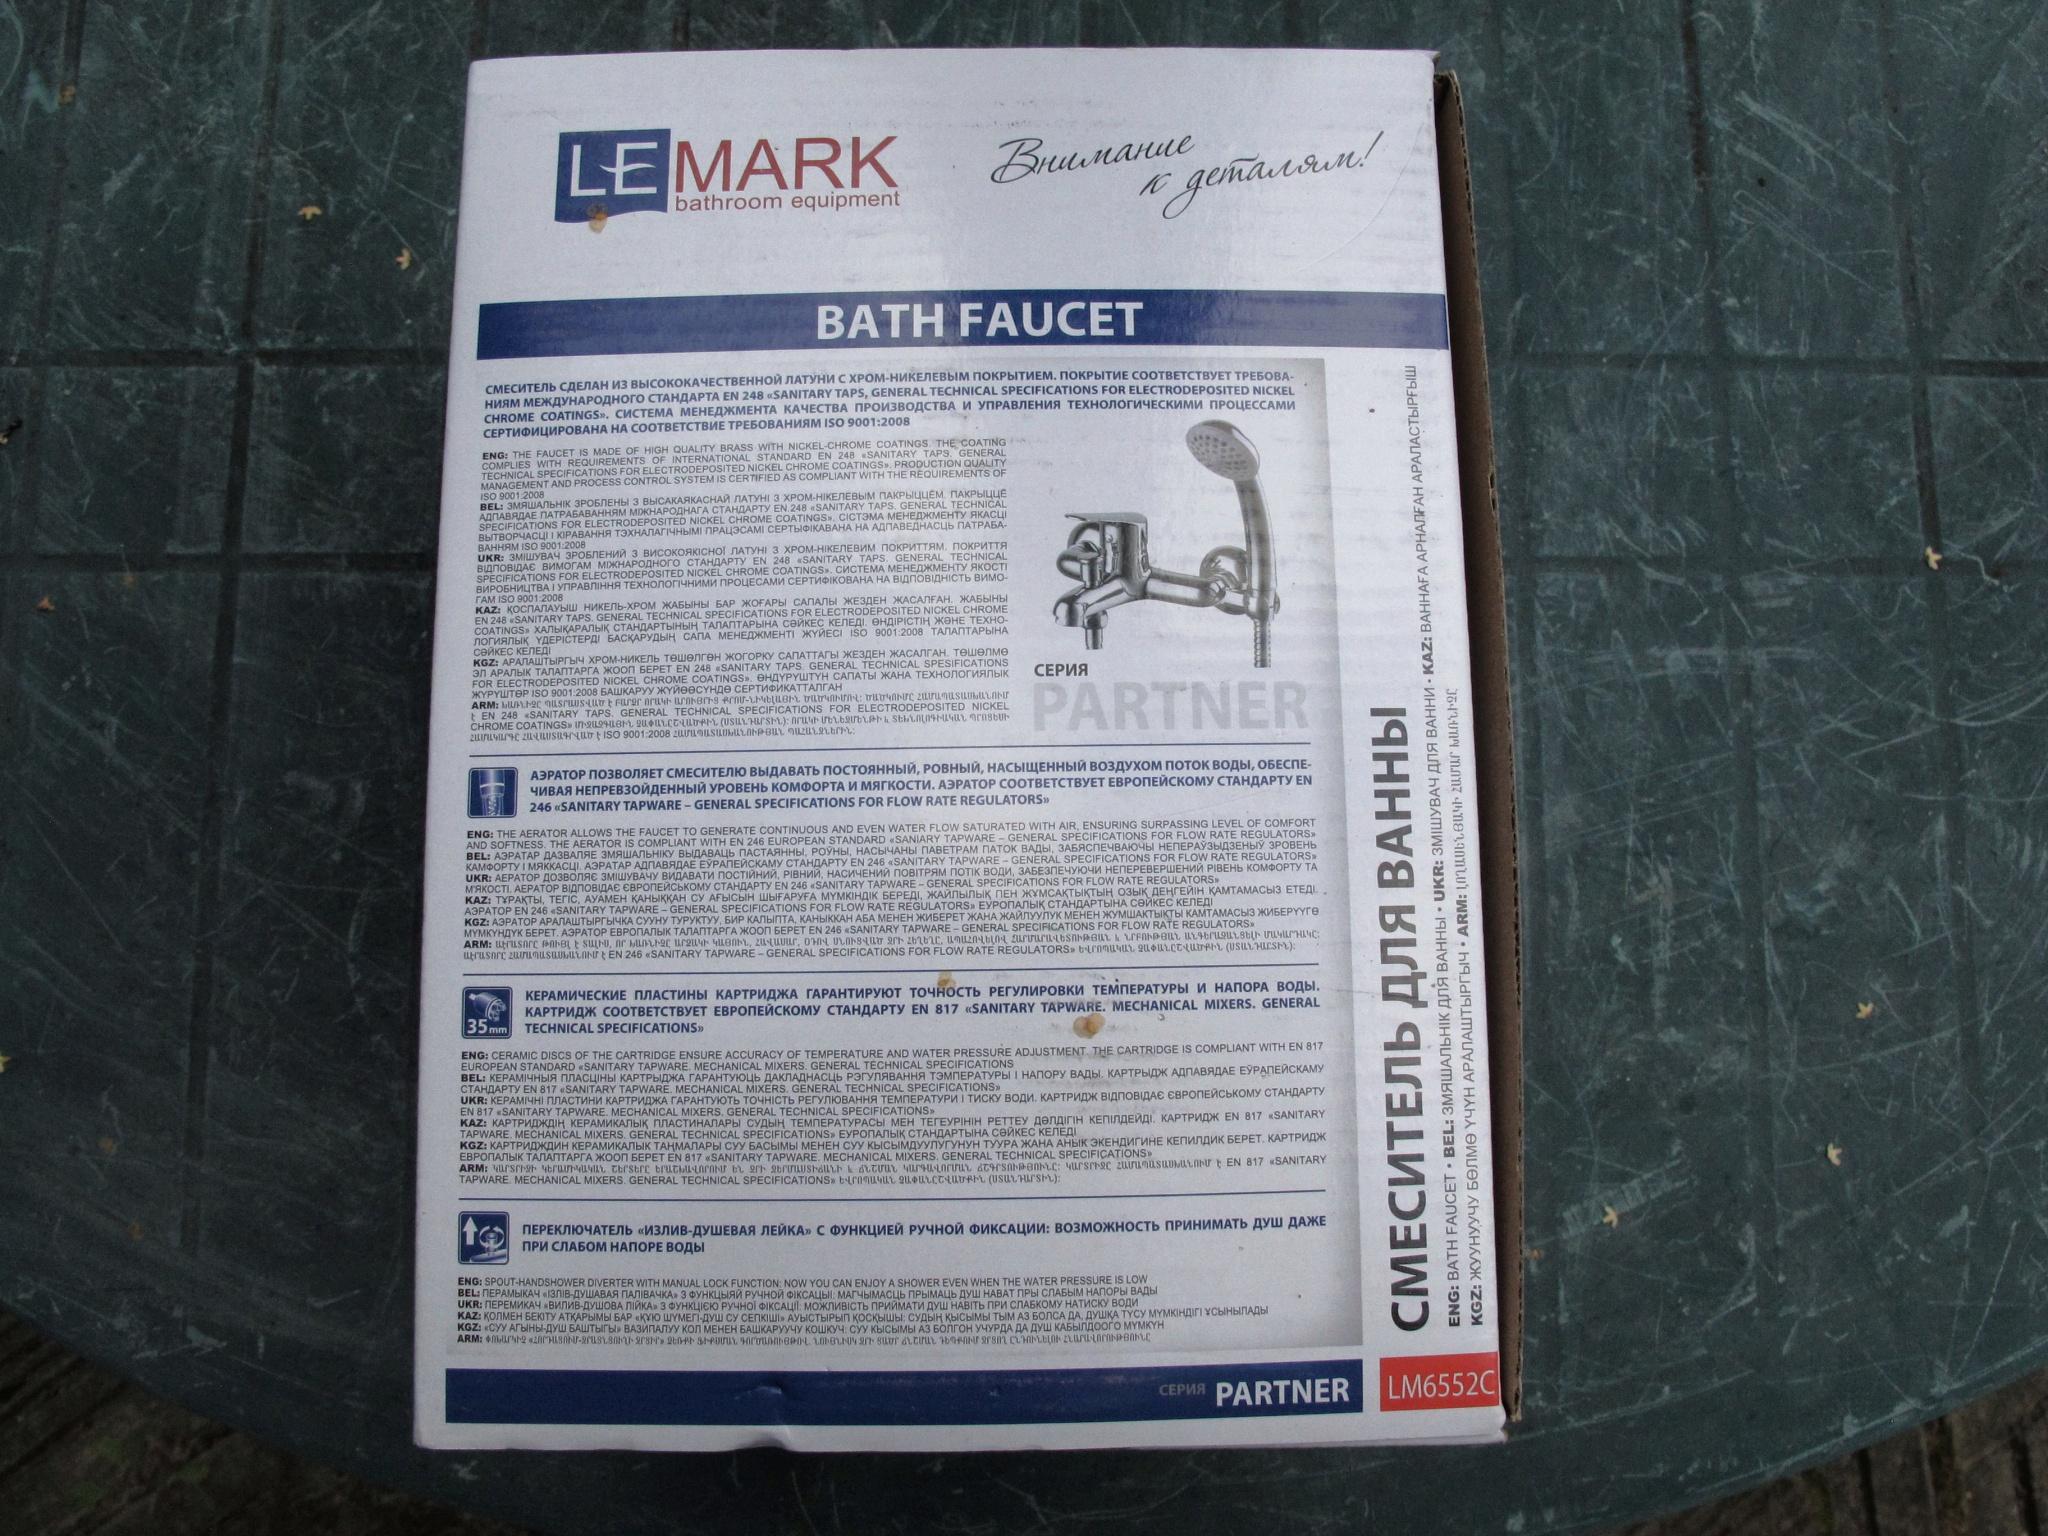 Lemark faucets: customer reviews 13